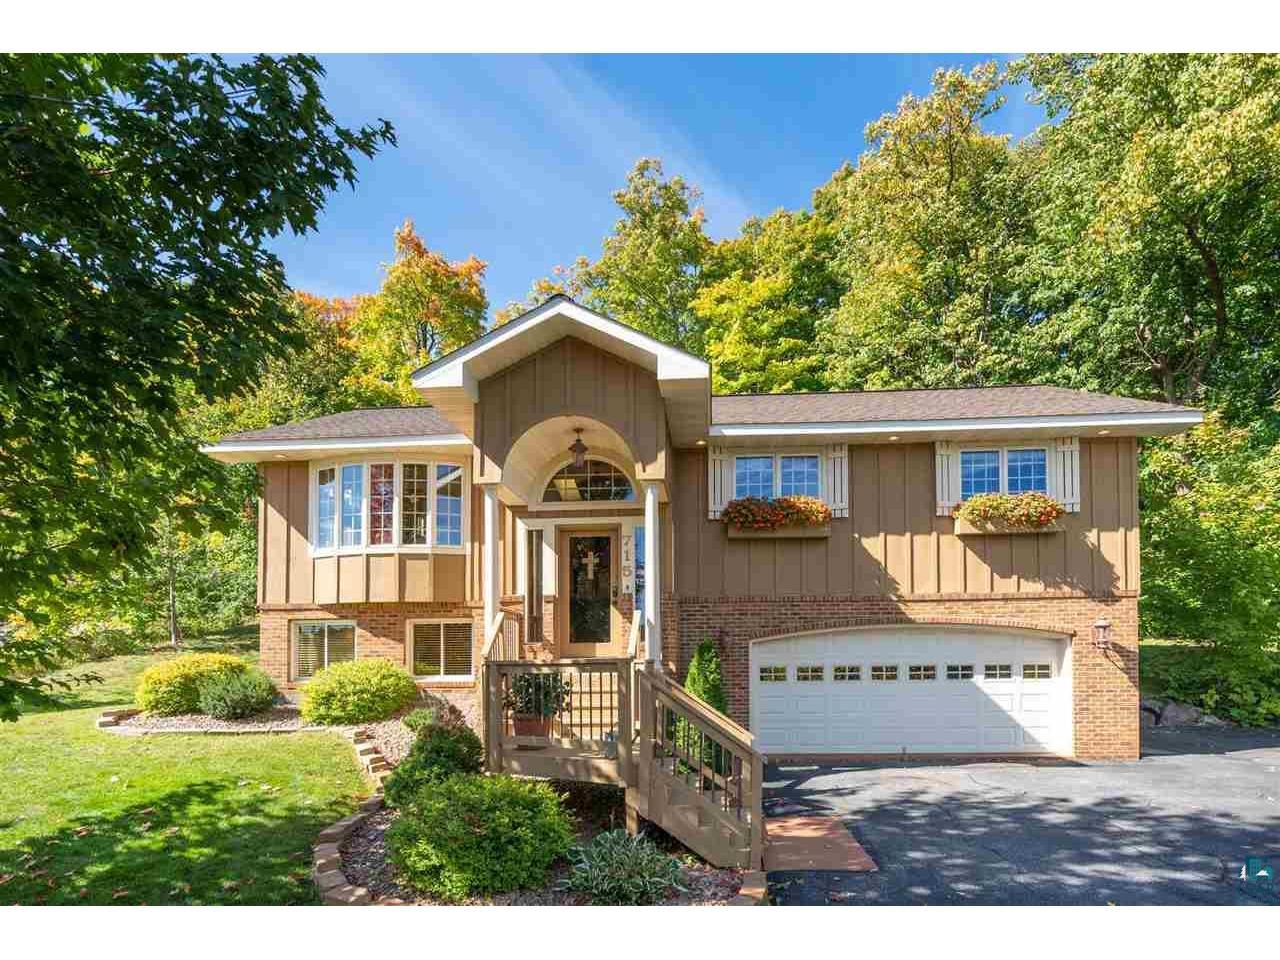 715 Swan Lake Rd Duluth Mn 55811 Mls 6093184 Edina Realty